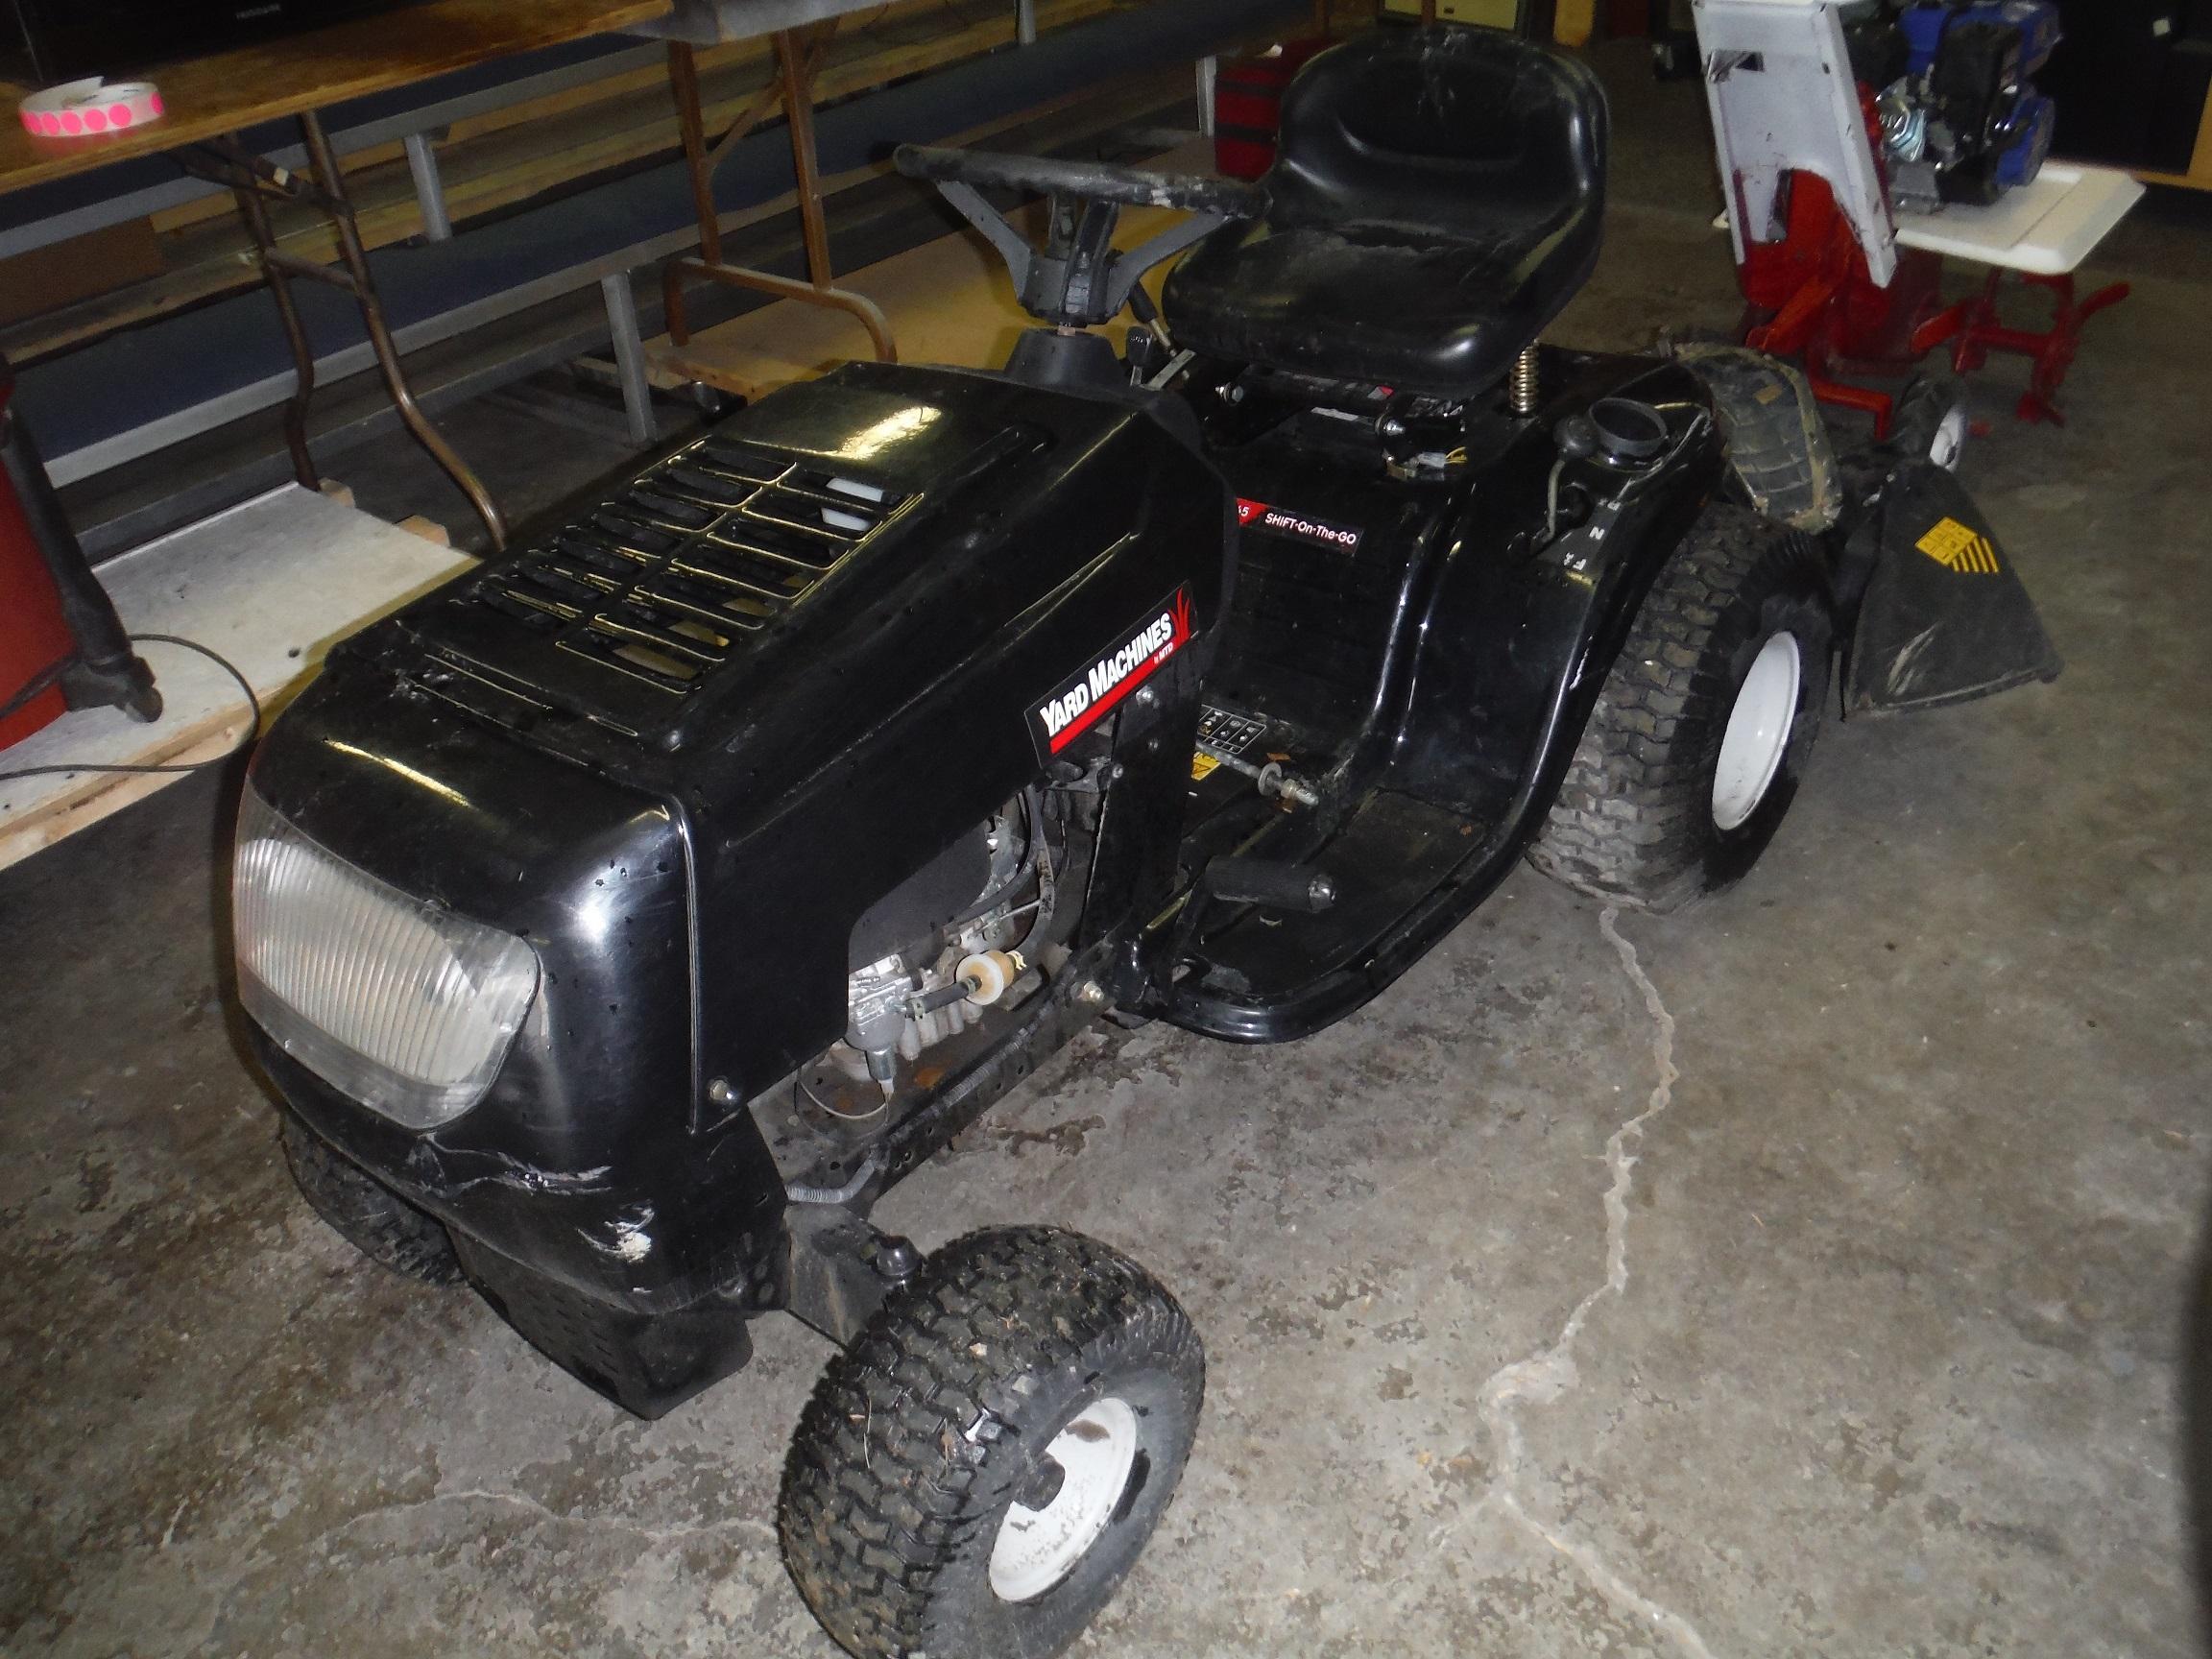 https://0901.nccdn.net/4_2/000/000/051/72c/yardmachine-mower.jpg